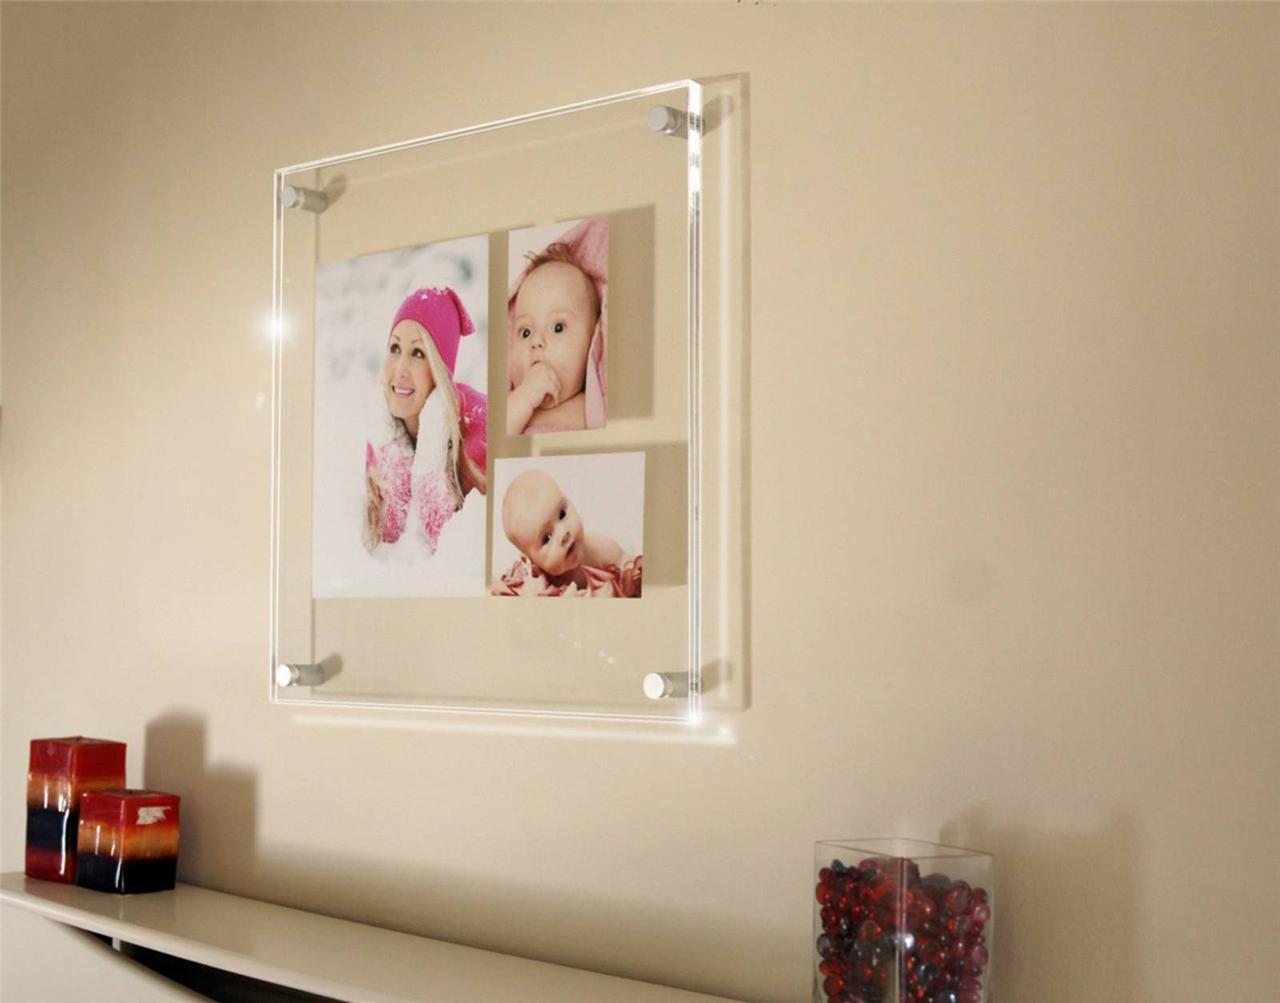 Acrylic multi photo frame A Beautiful Mess Photo App - A Beautiful Mess